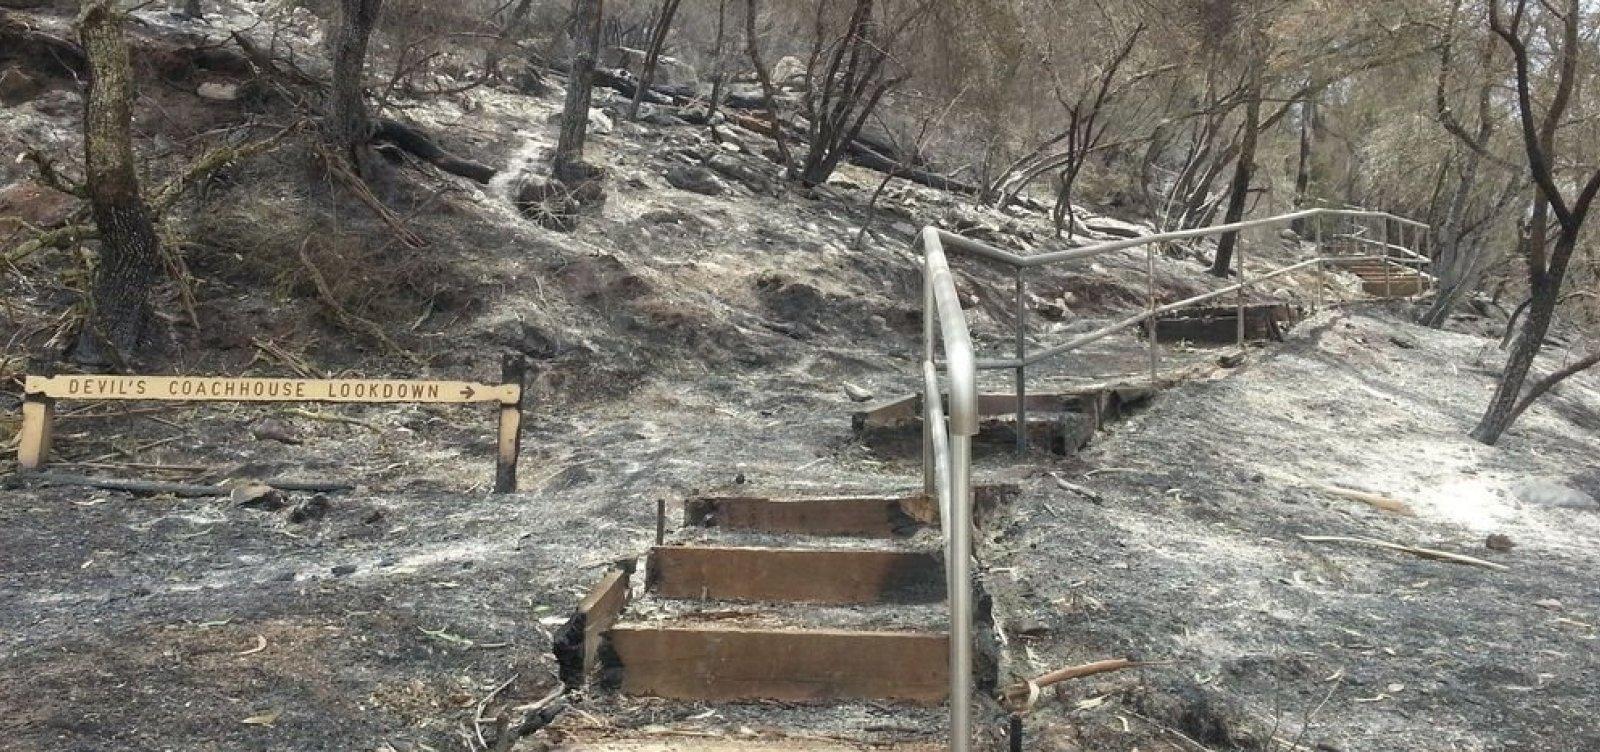 [Austrália terá 1,2 bi de euros para recuperar áreas afetadas pelo fogo]